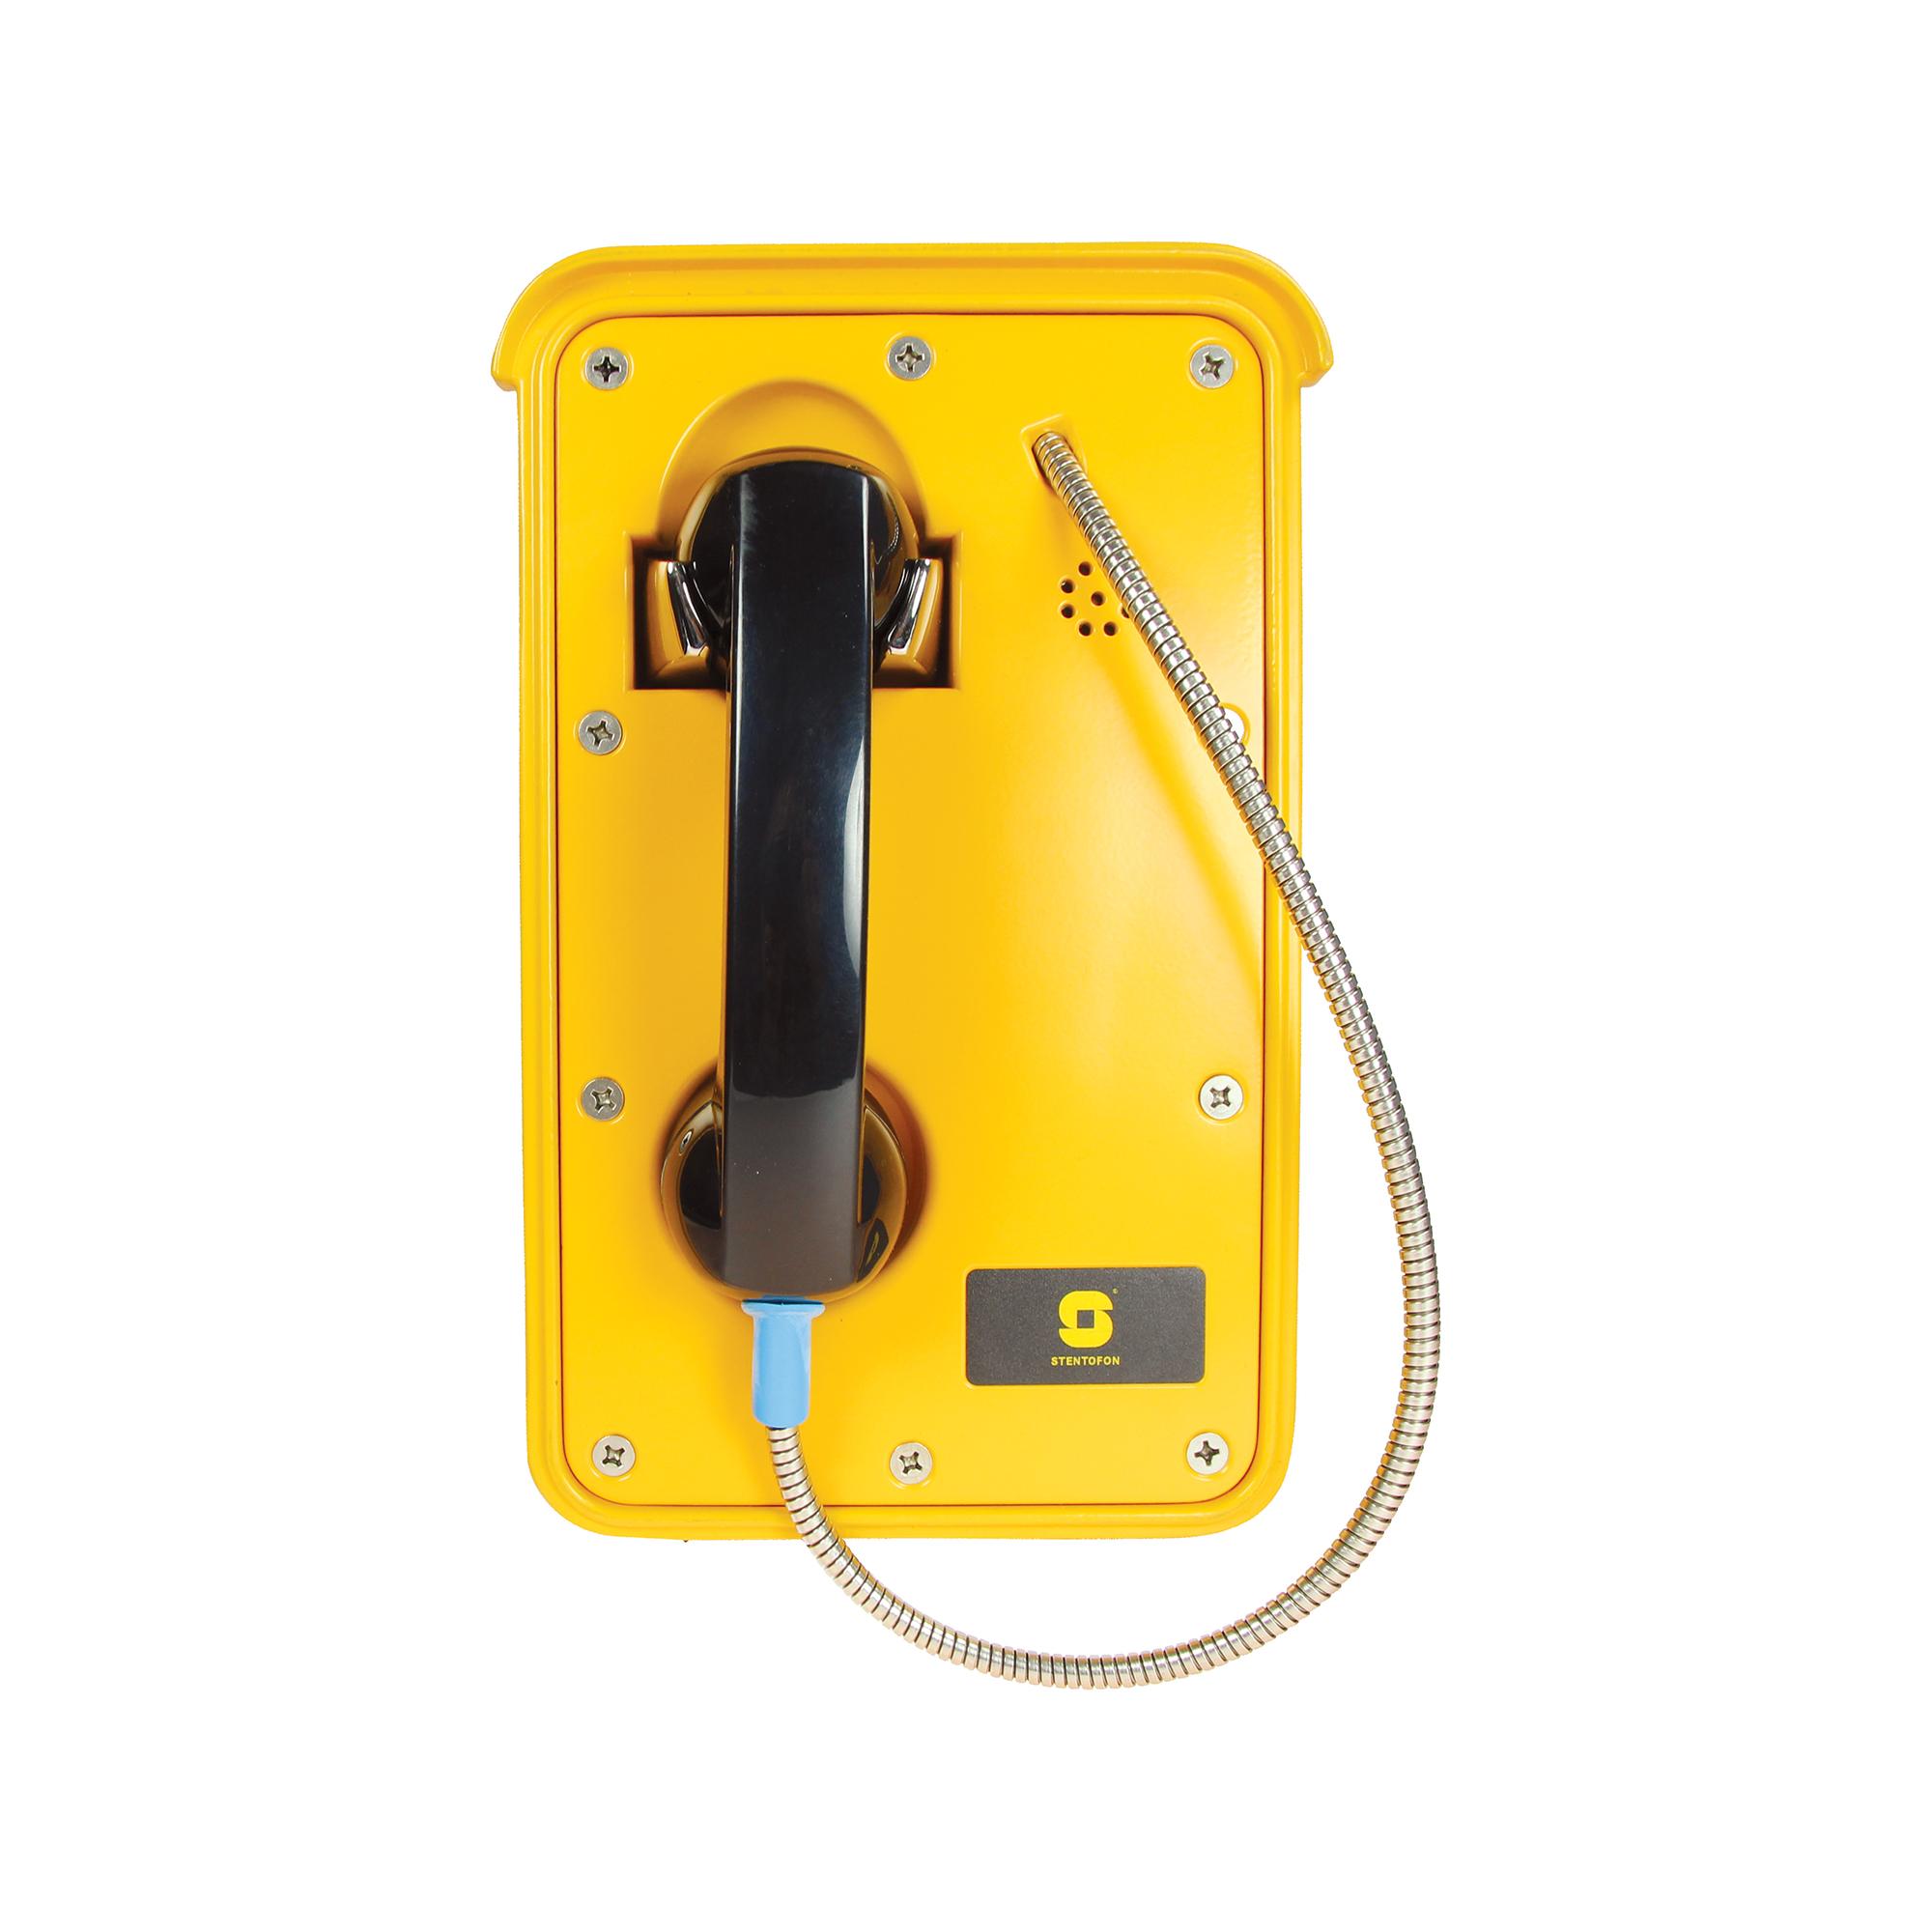 IP Heavy Duty Telephone, Hotline